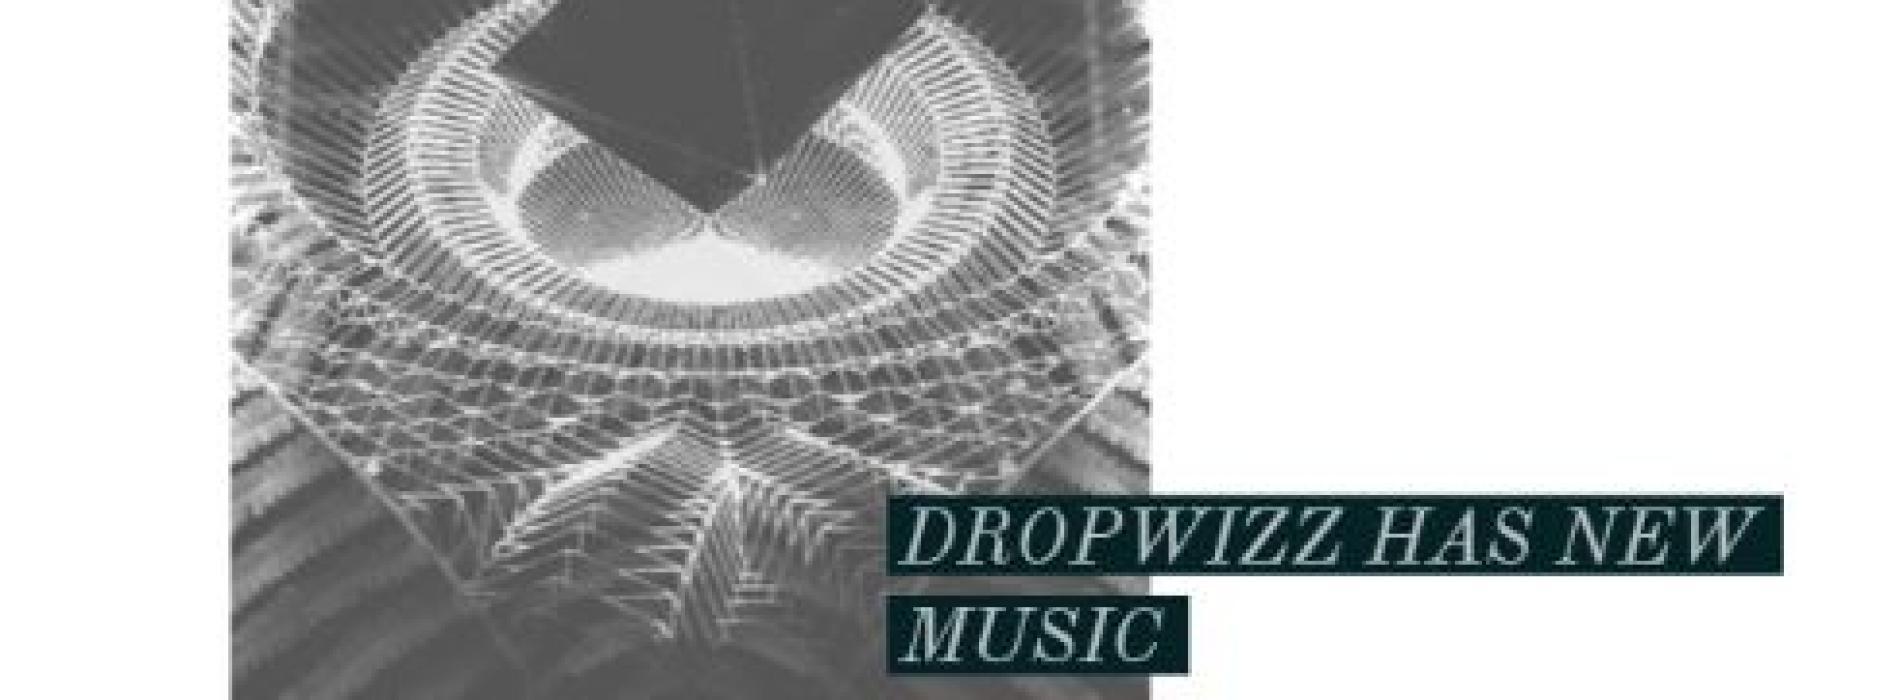 Dropwizz – Gluttony